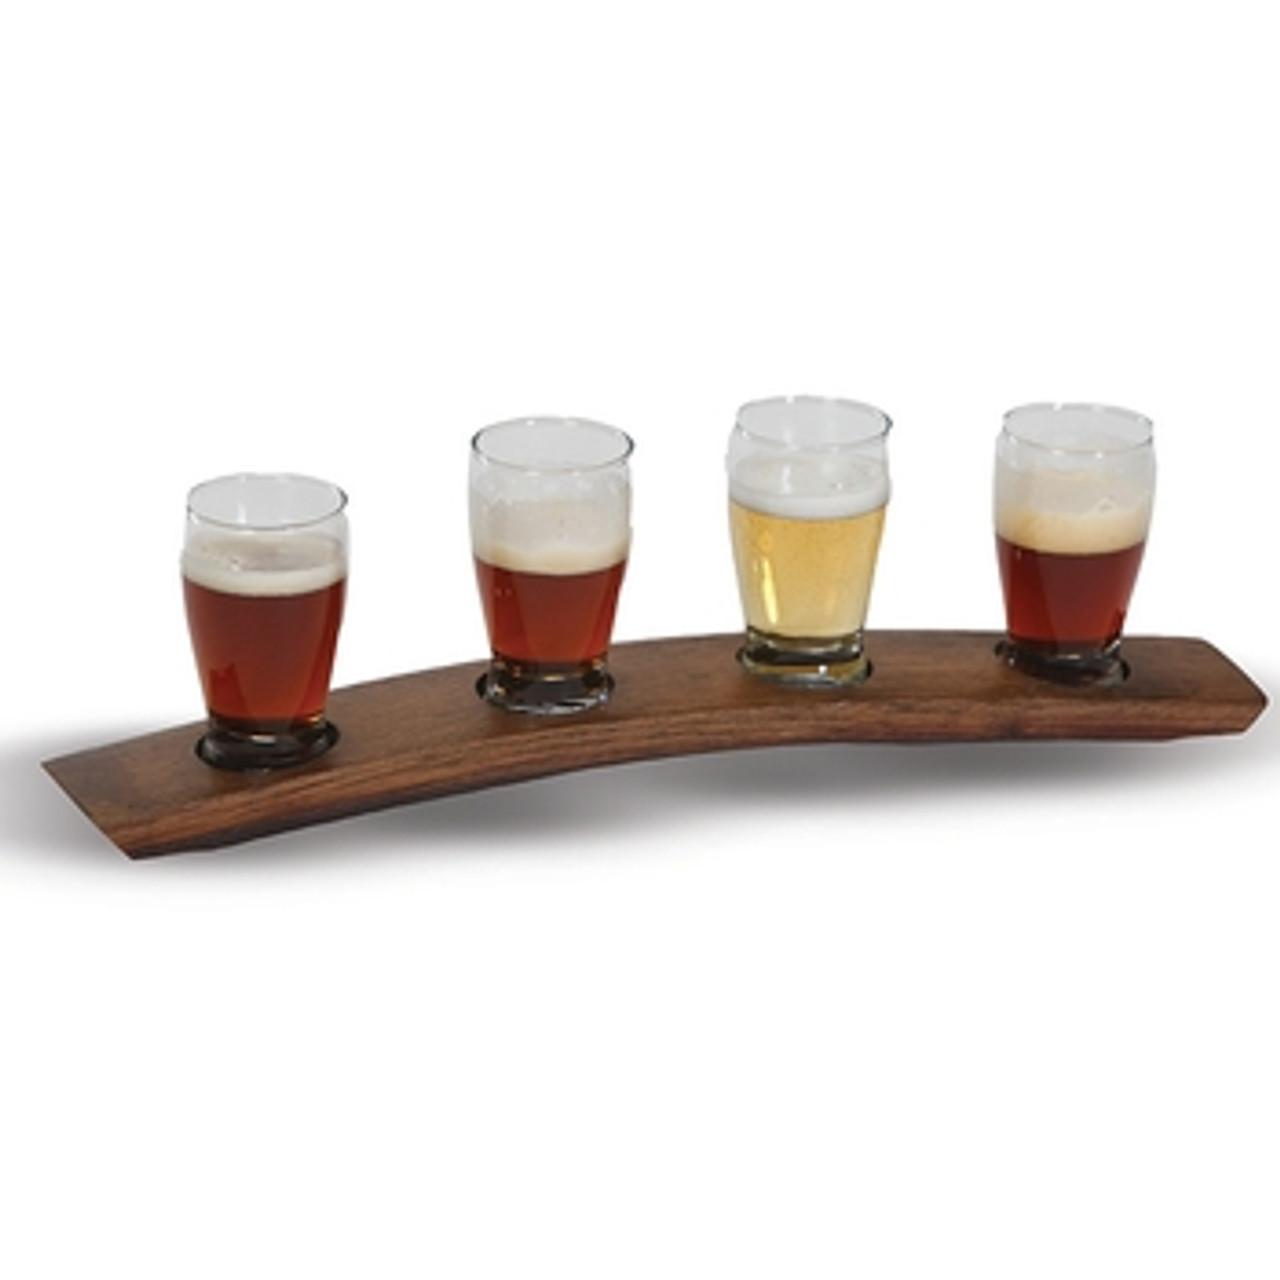 USA Beer Taster Flight-Walnut